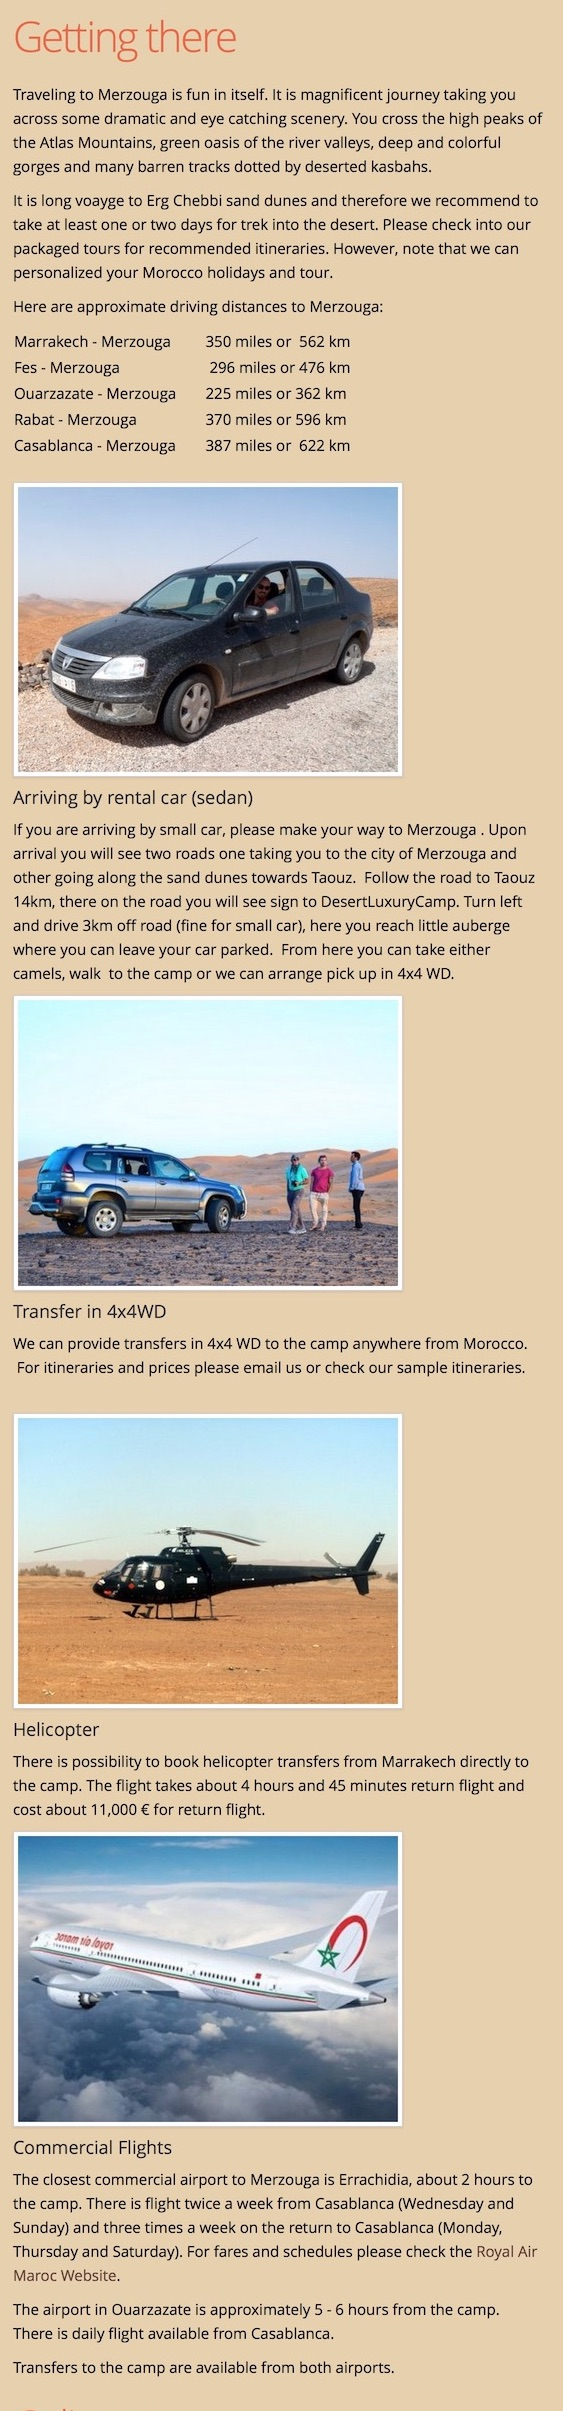 Erg Chebbi useful info transportation options desert